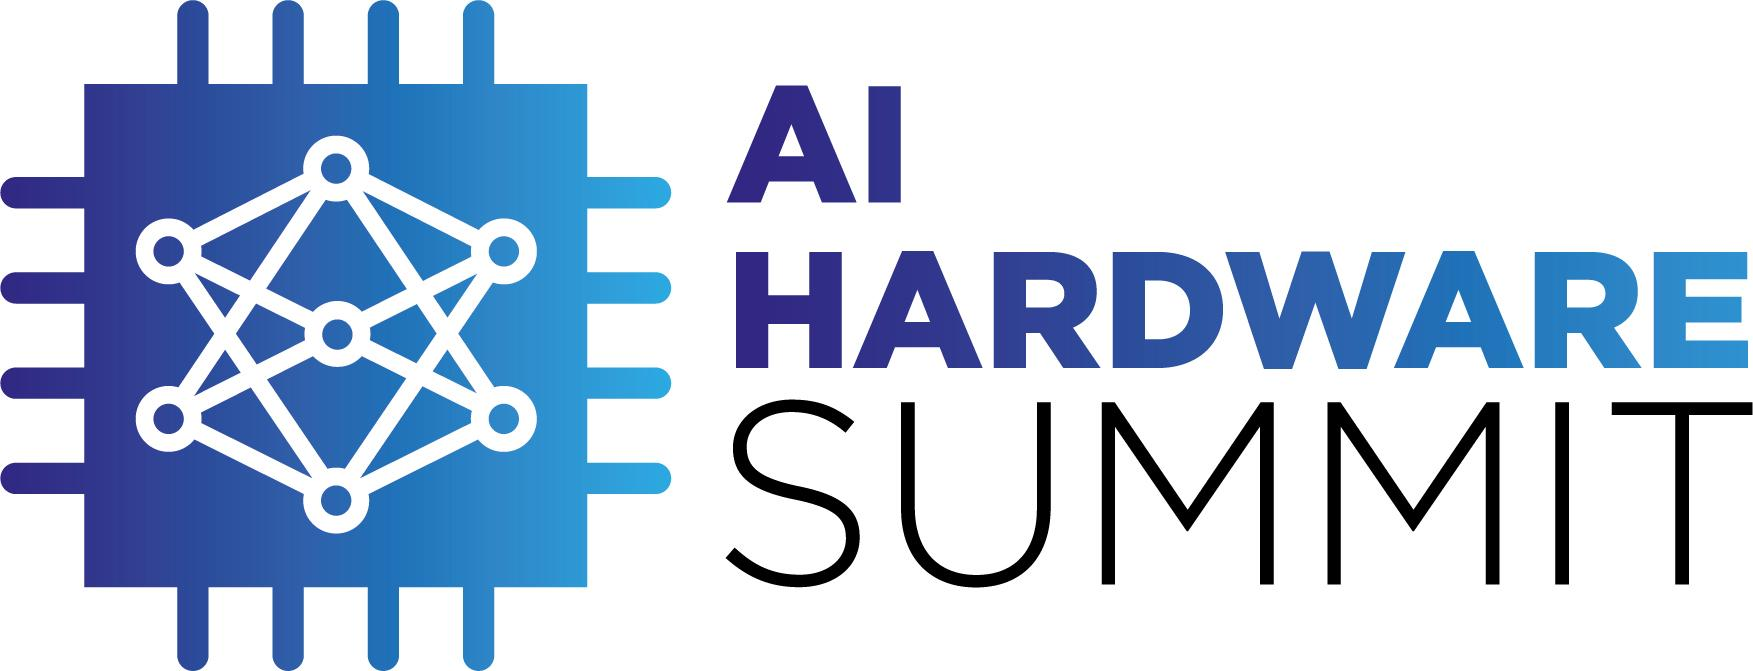 AI HardWare